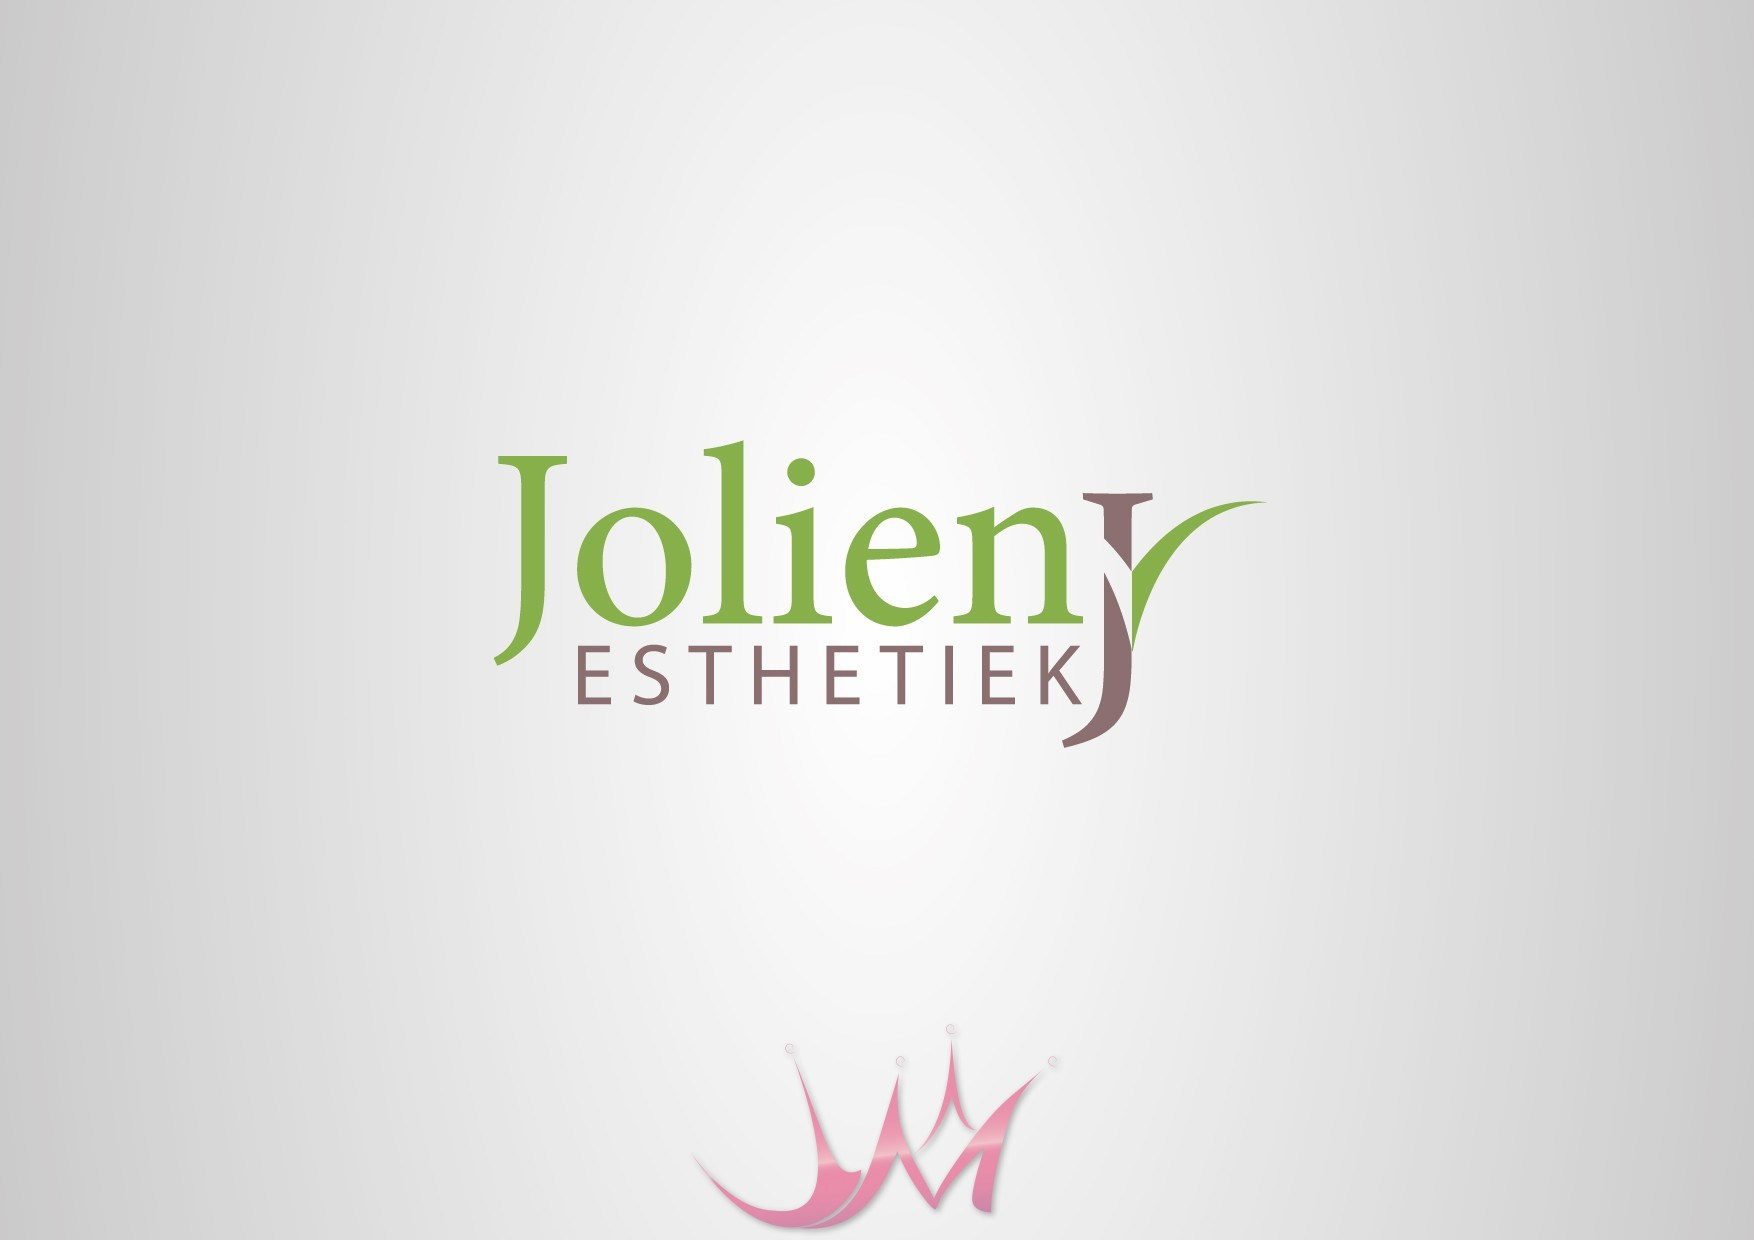 Esthetiek Jolien